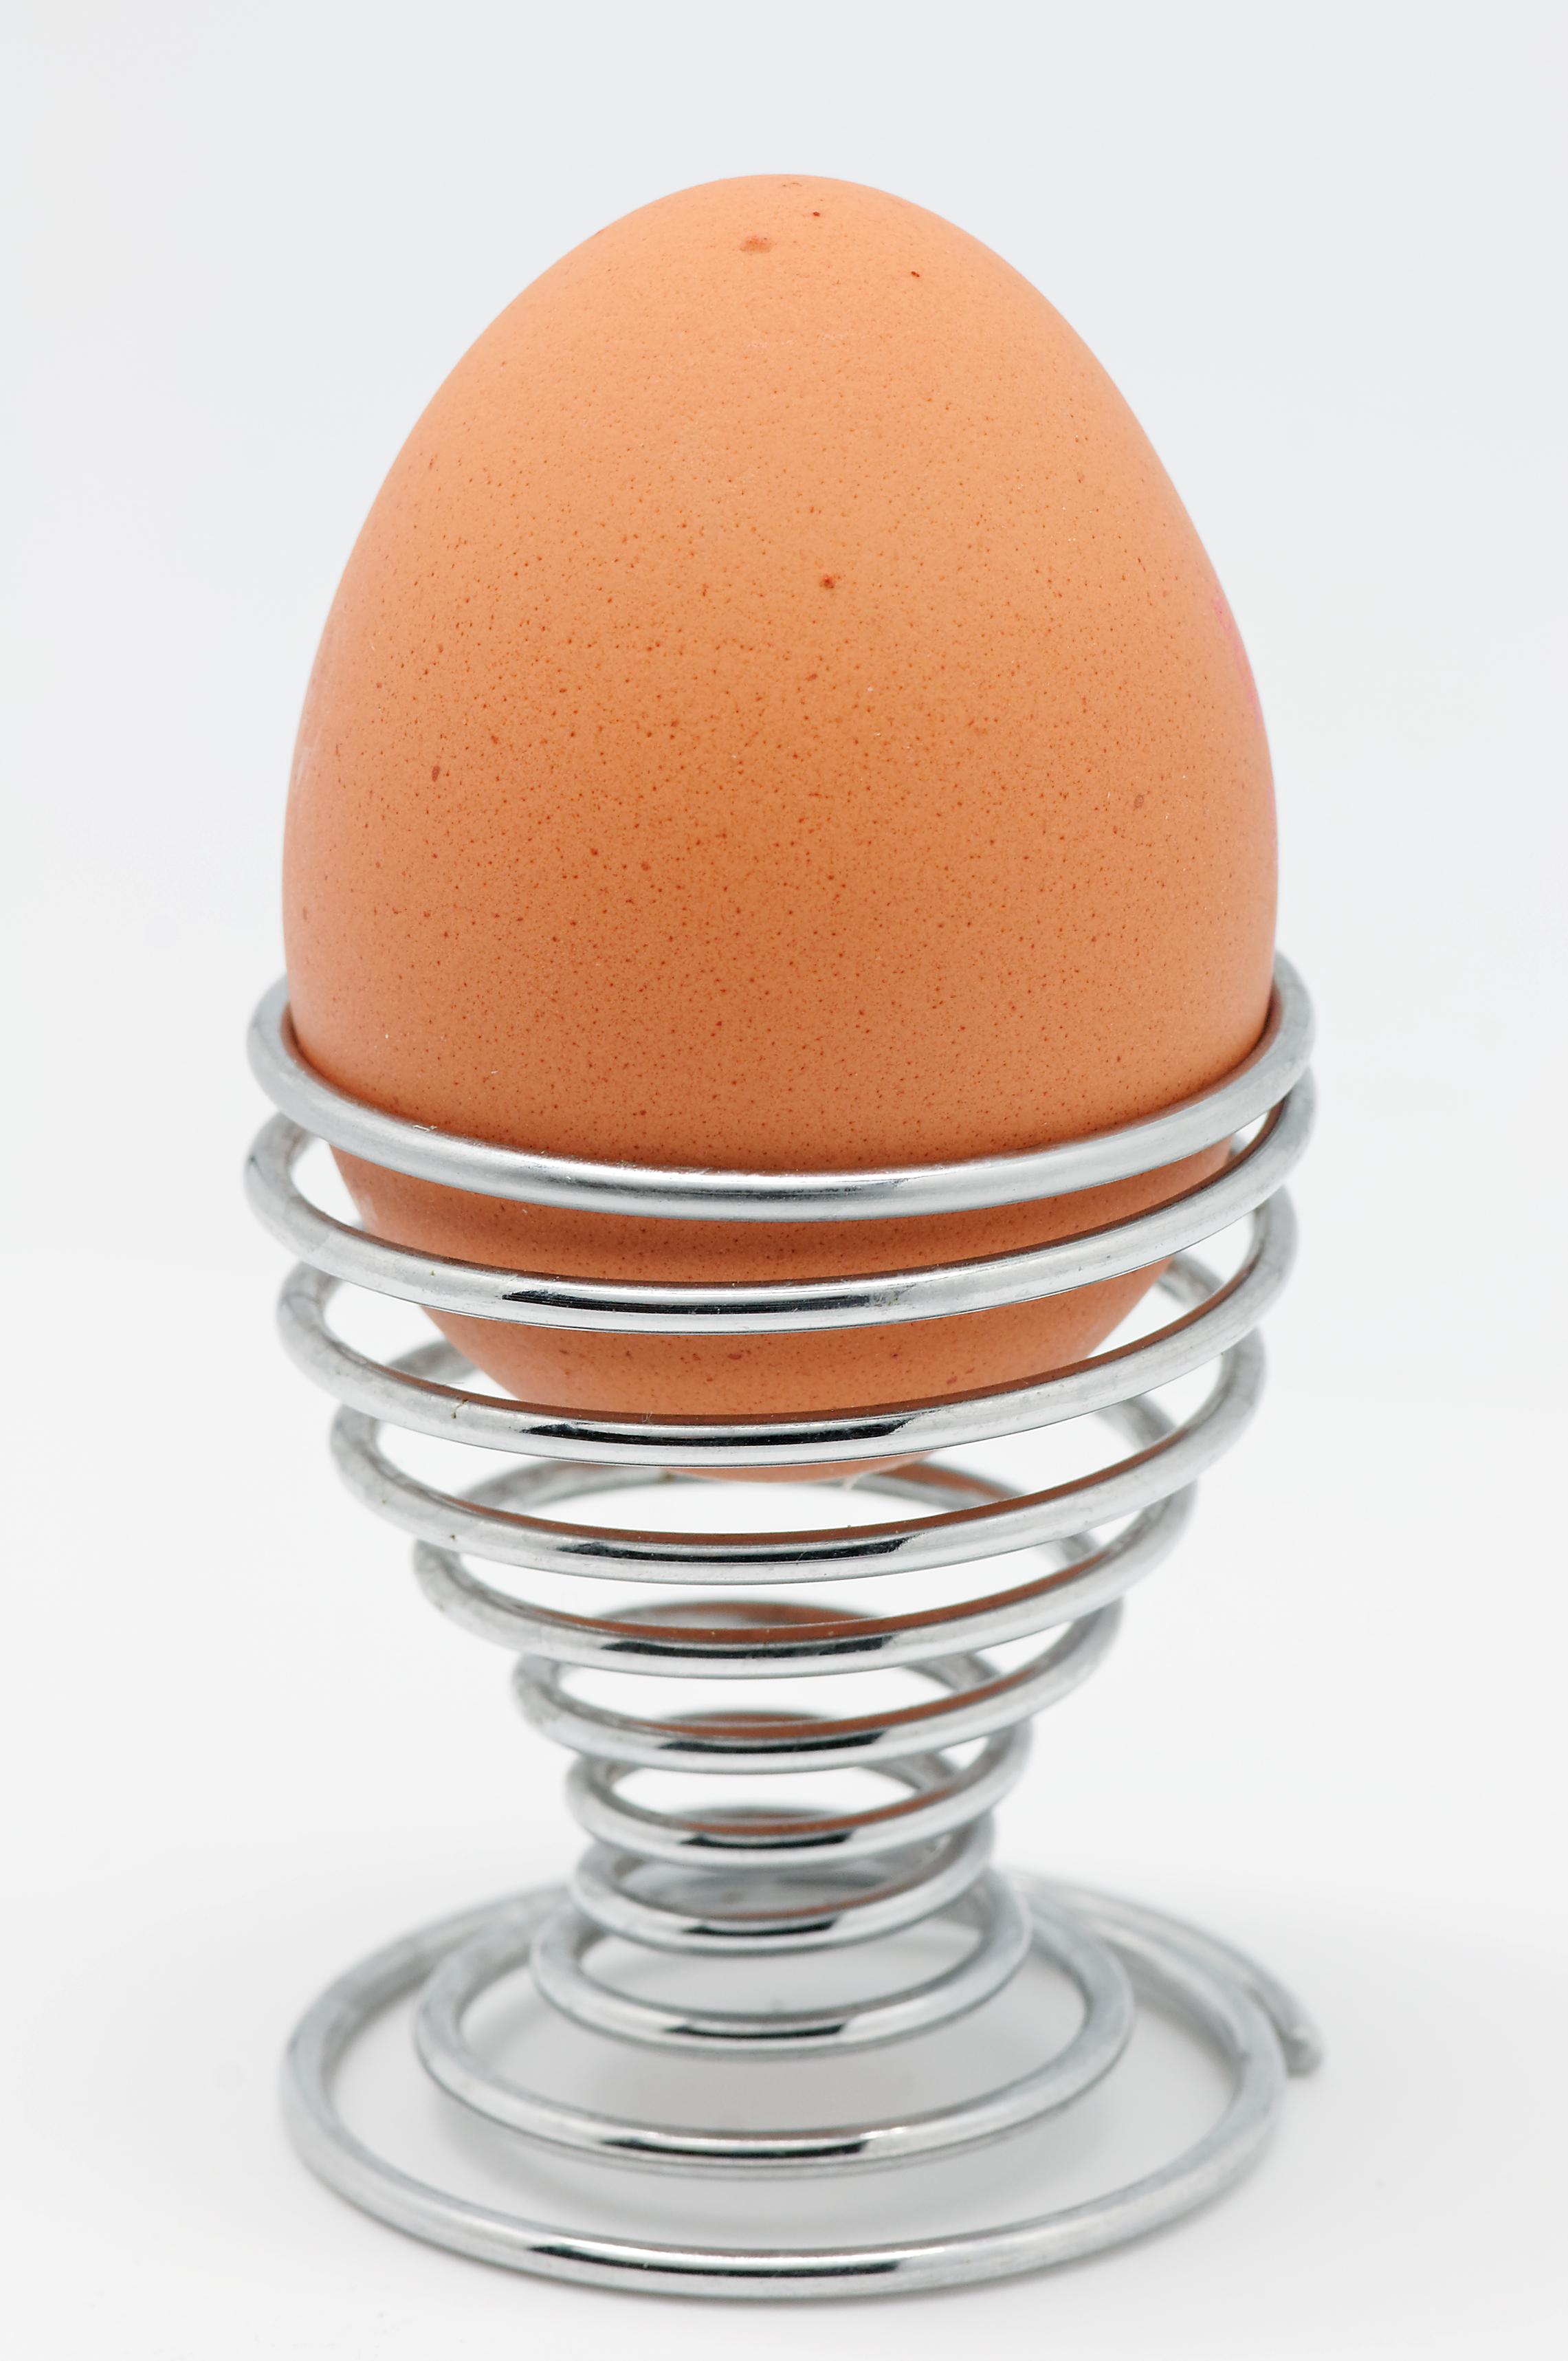 40 most creative egg cups design 1 design per day